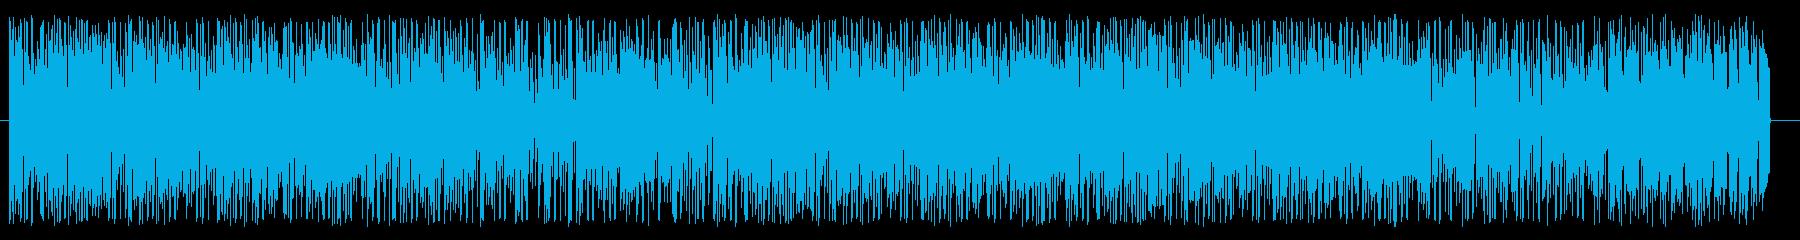 アーバン系なファンク、ソウルの再生済みの波形